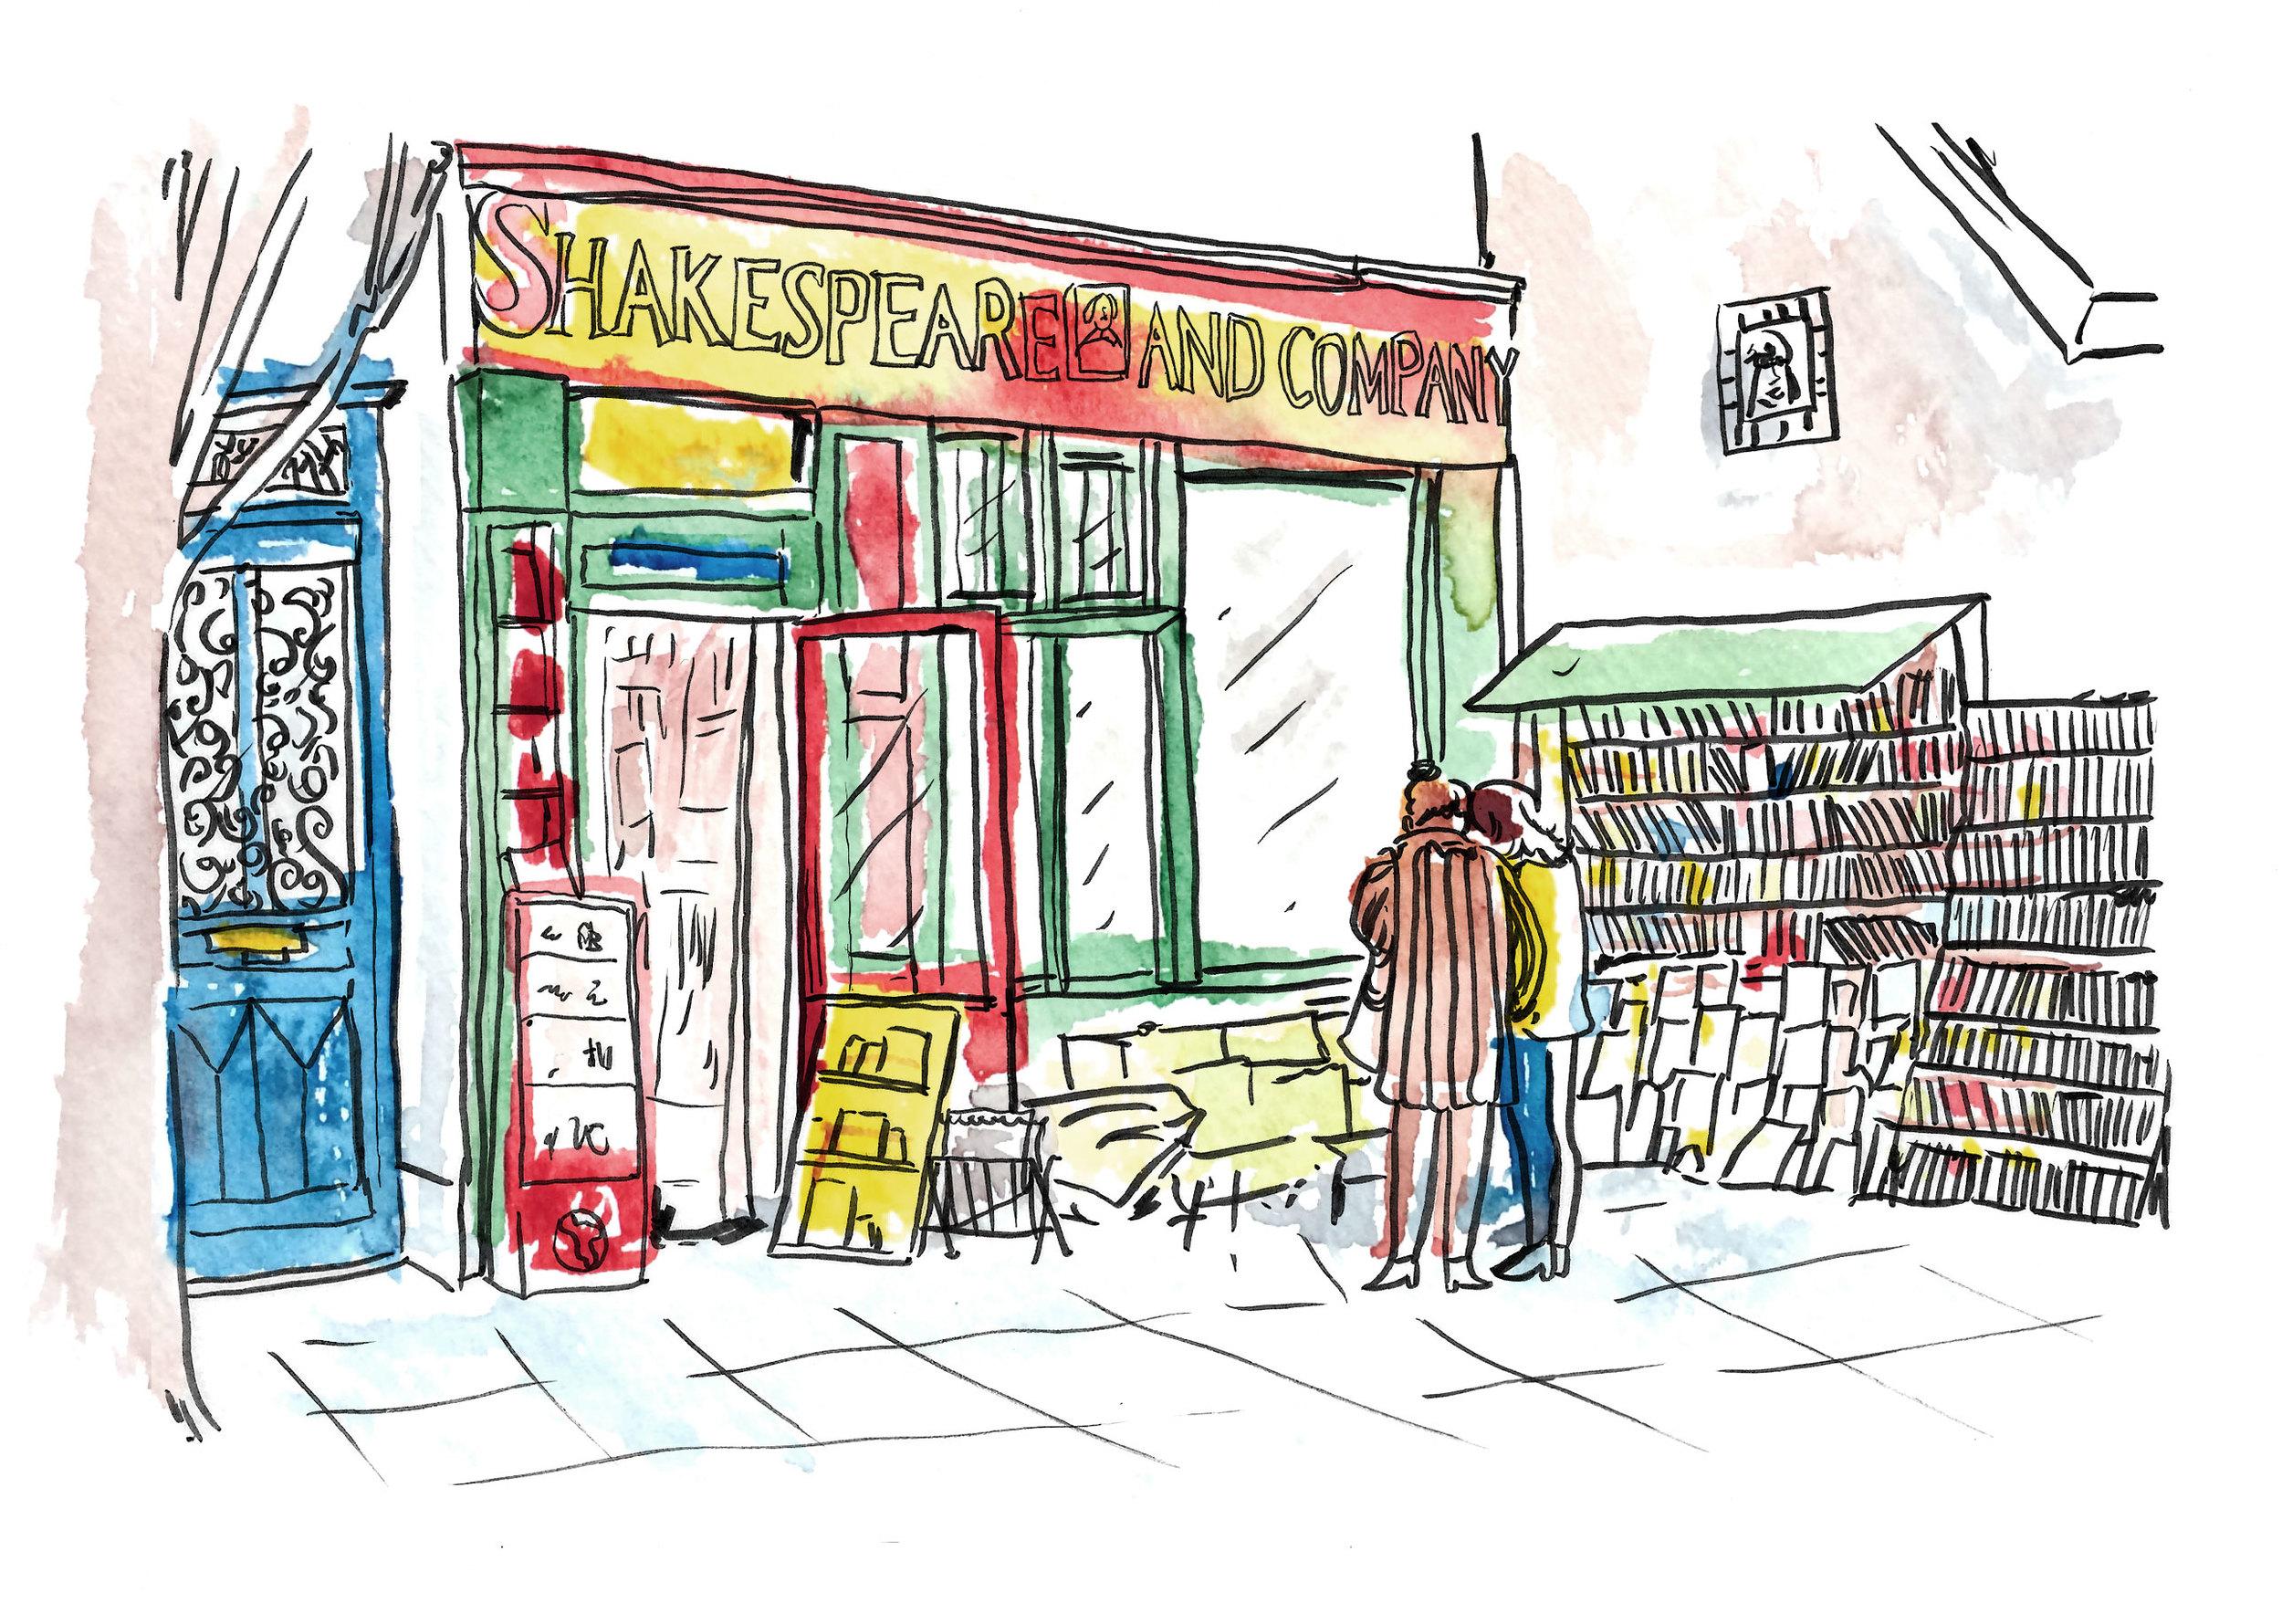 Shakespeares-front.jpg